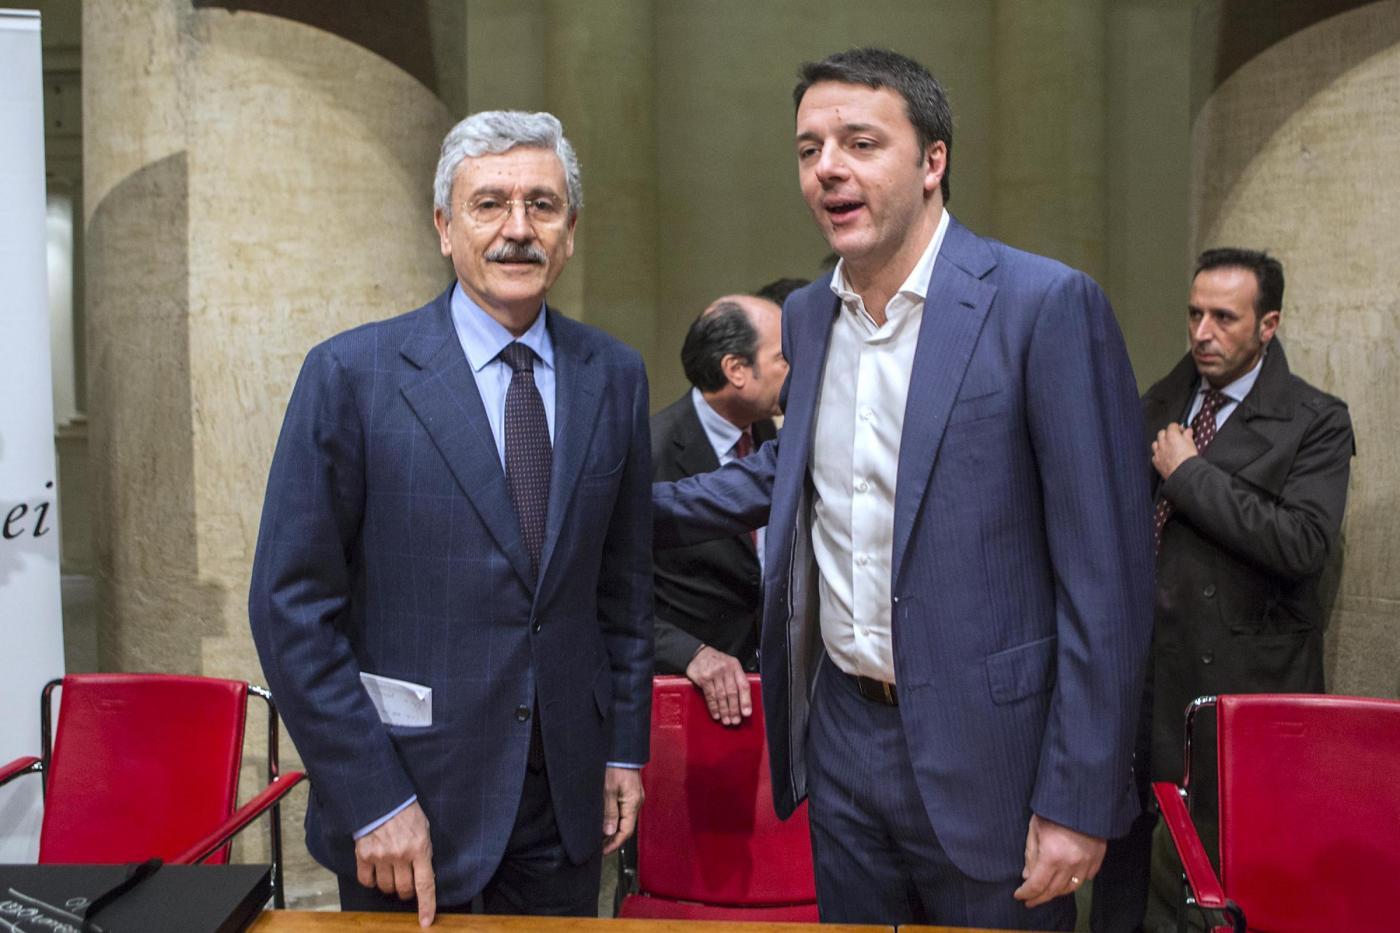 Ballottaggi 2016, Massimo D'Alema: 'Pur di cacciare Renzi voterei Raggi'